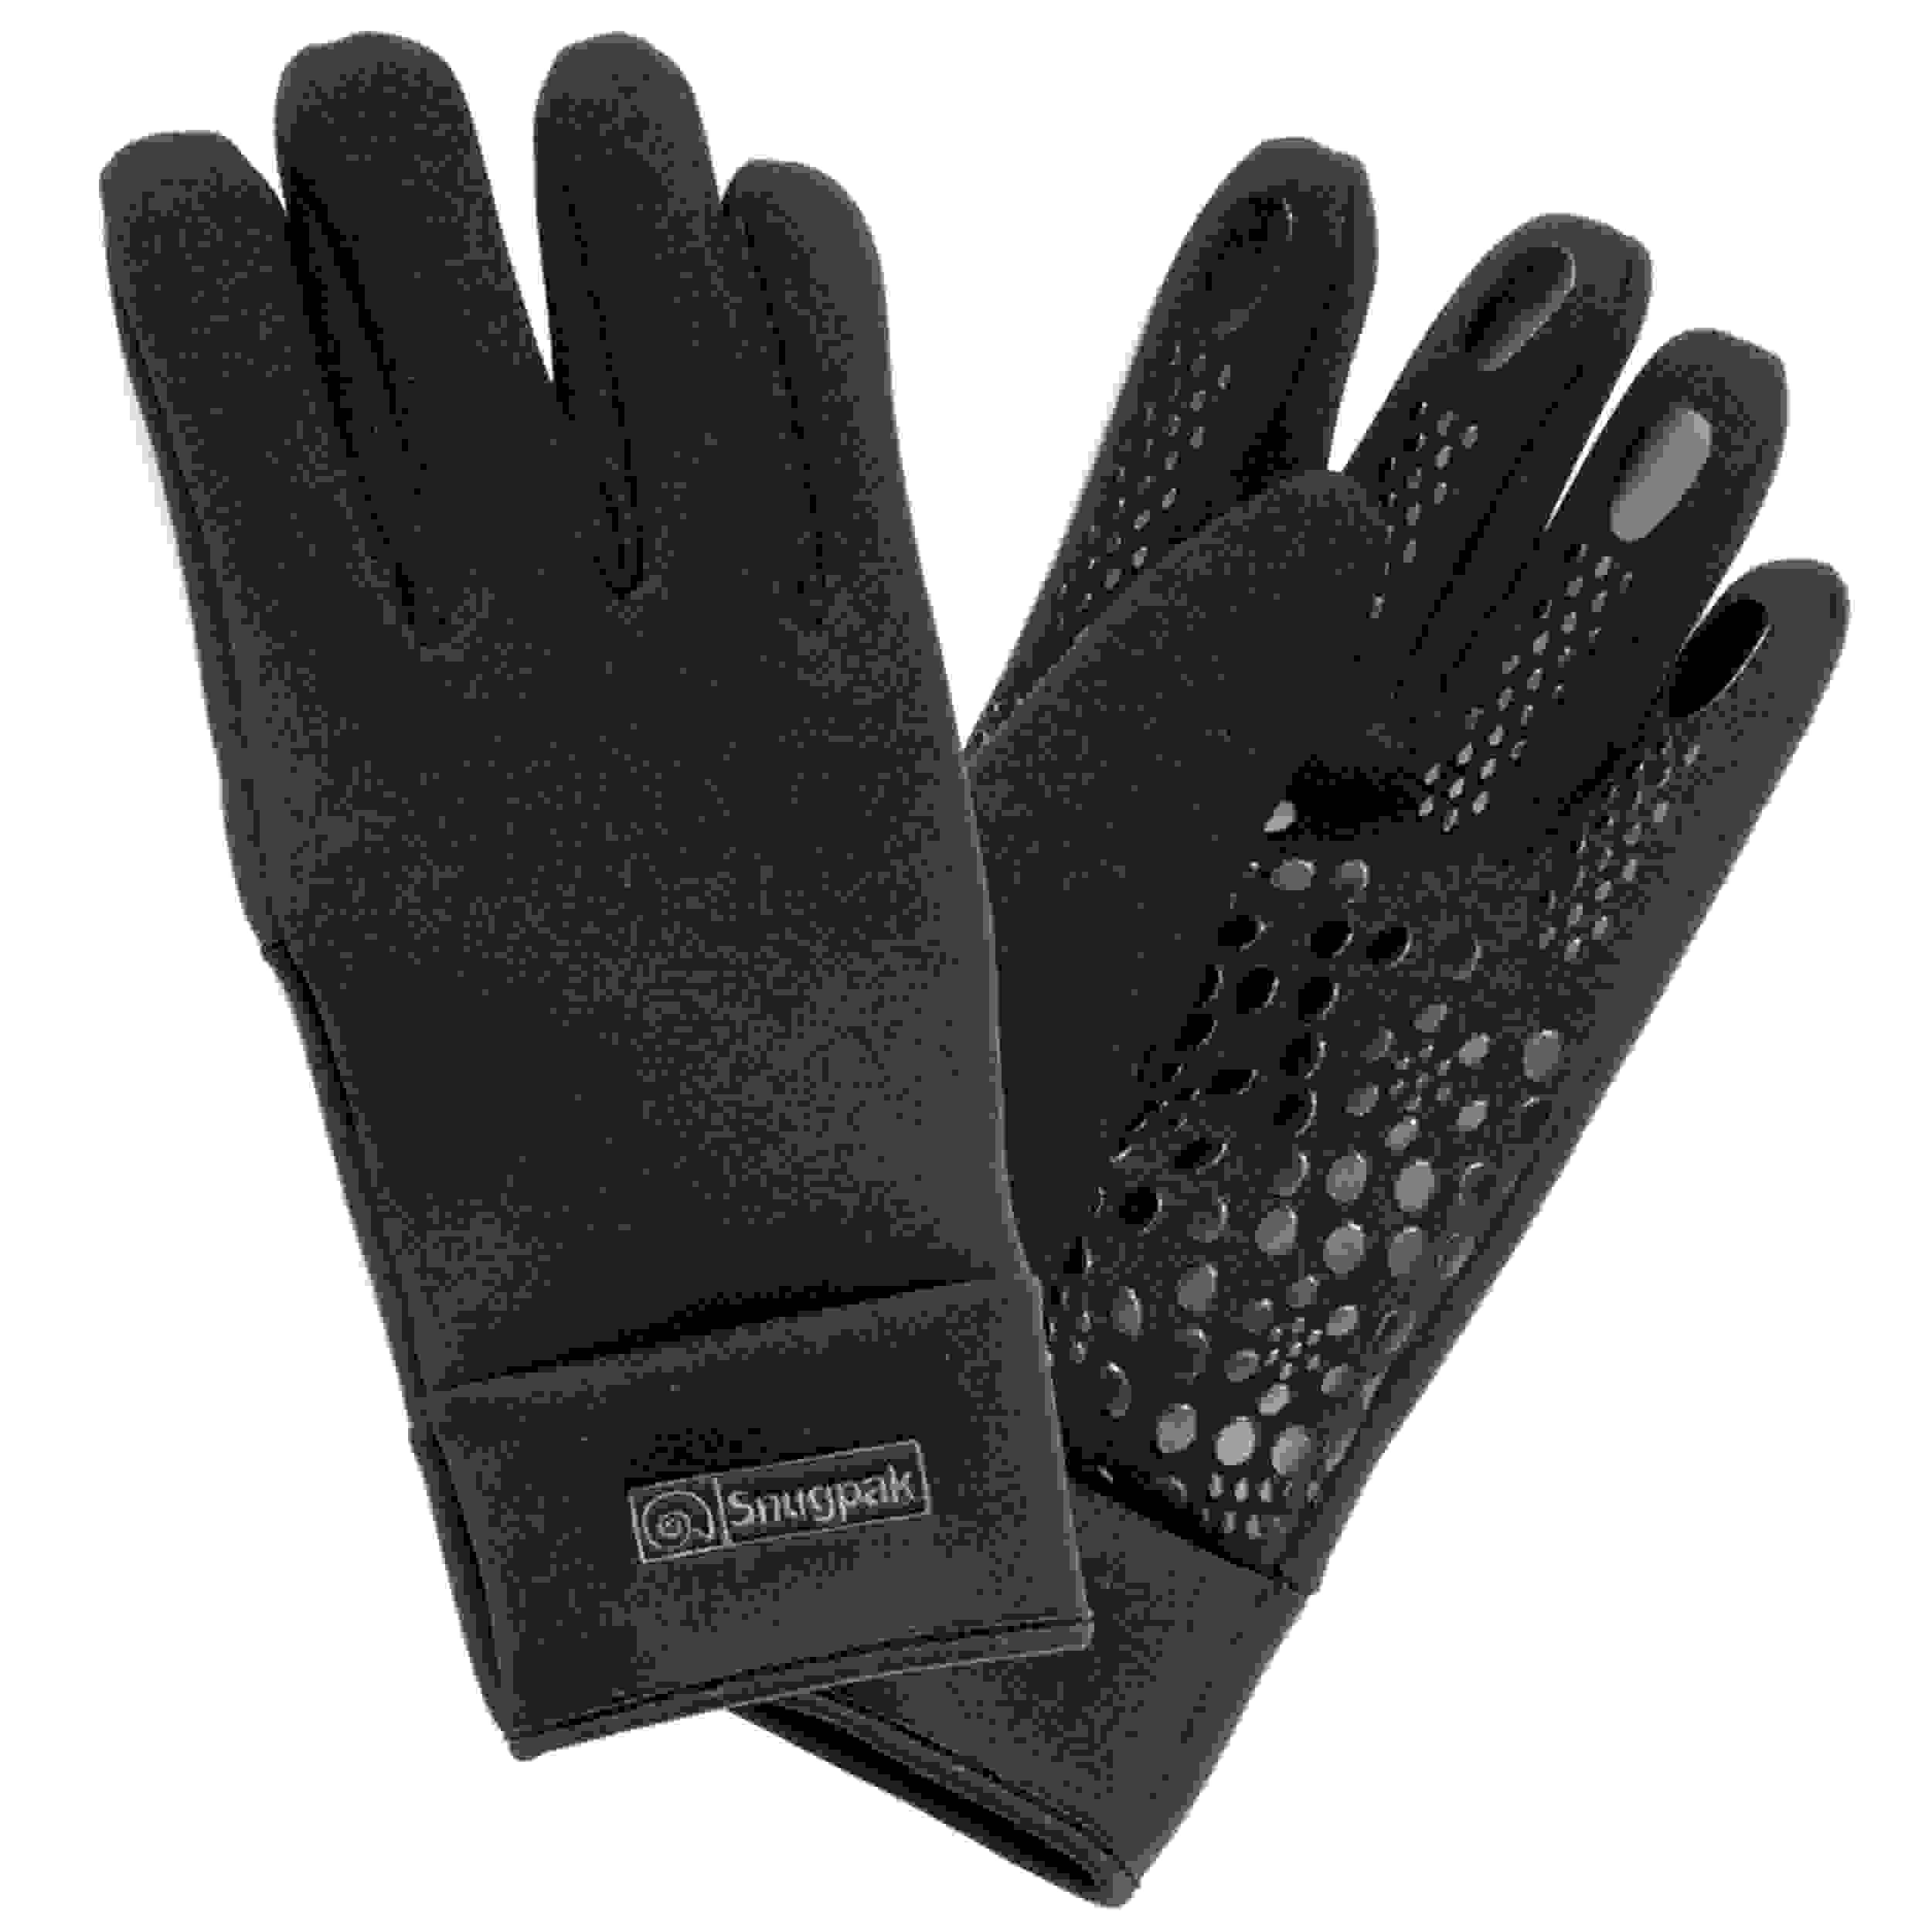 Snugpak Geogrip Glove Black Sm MD